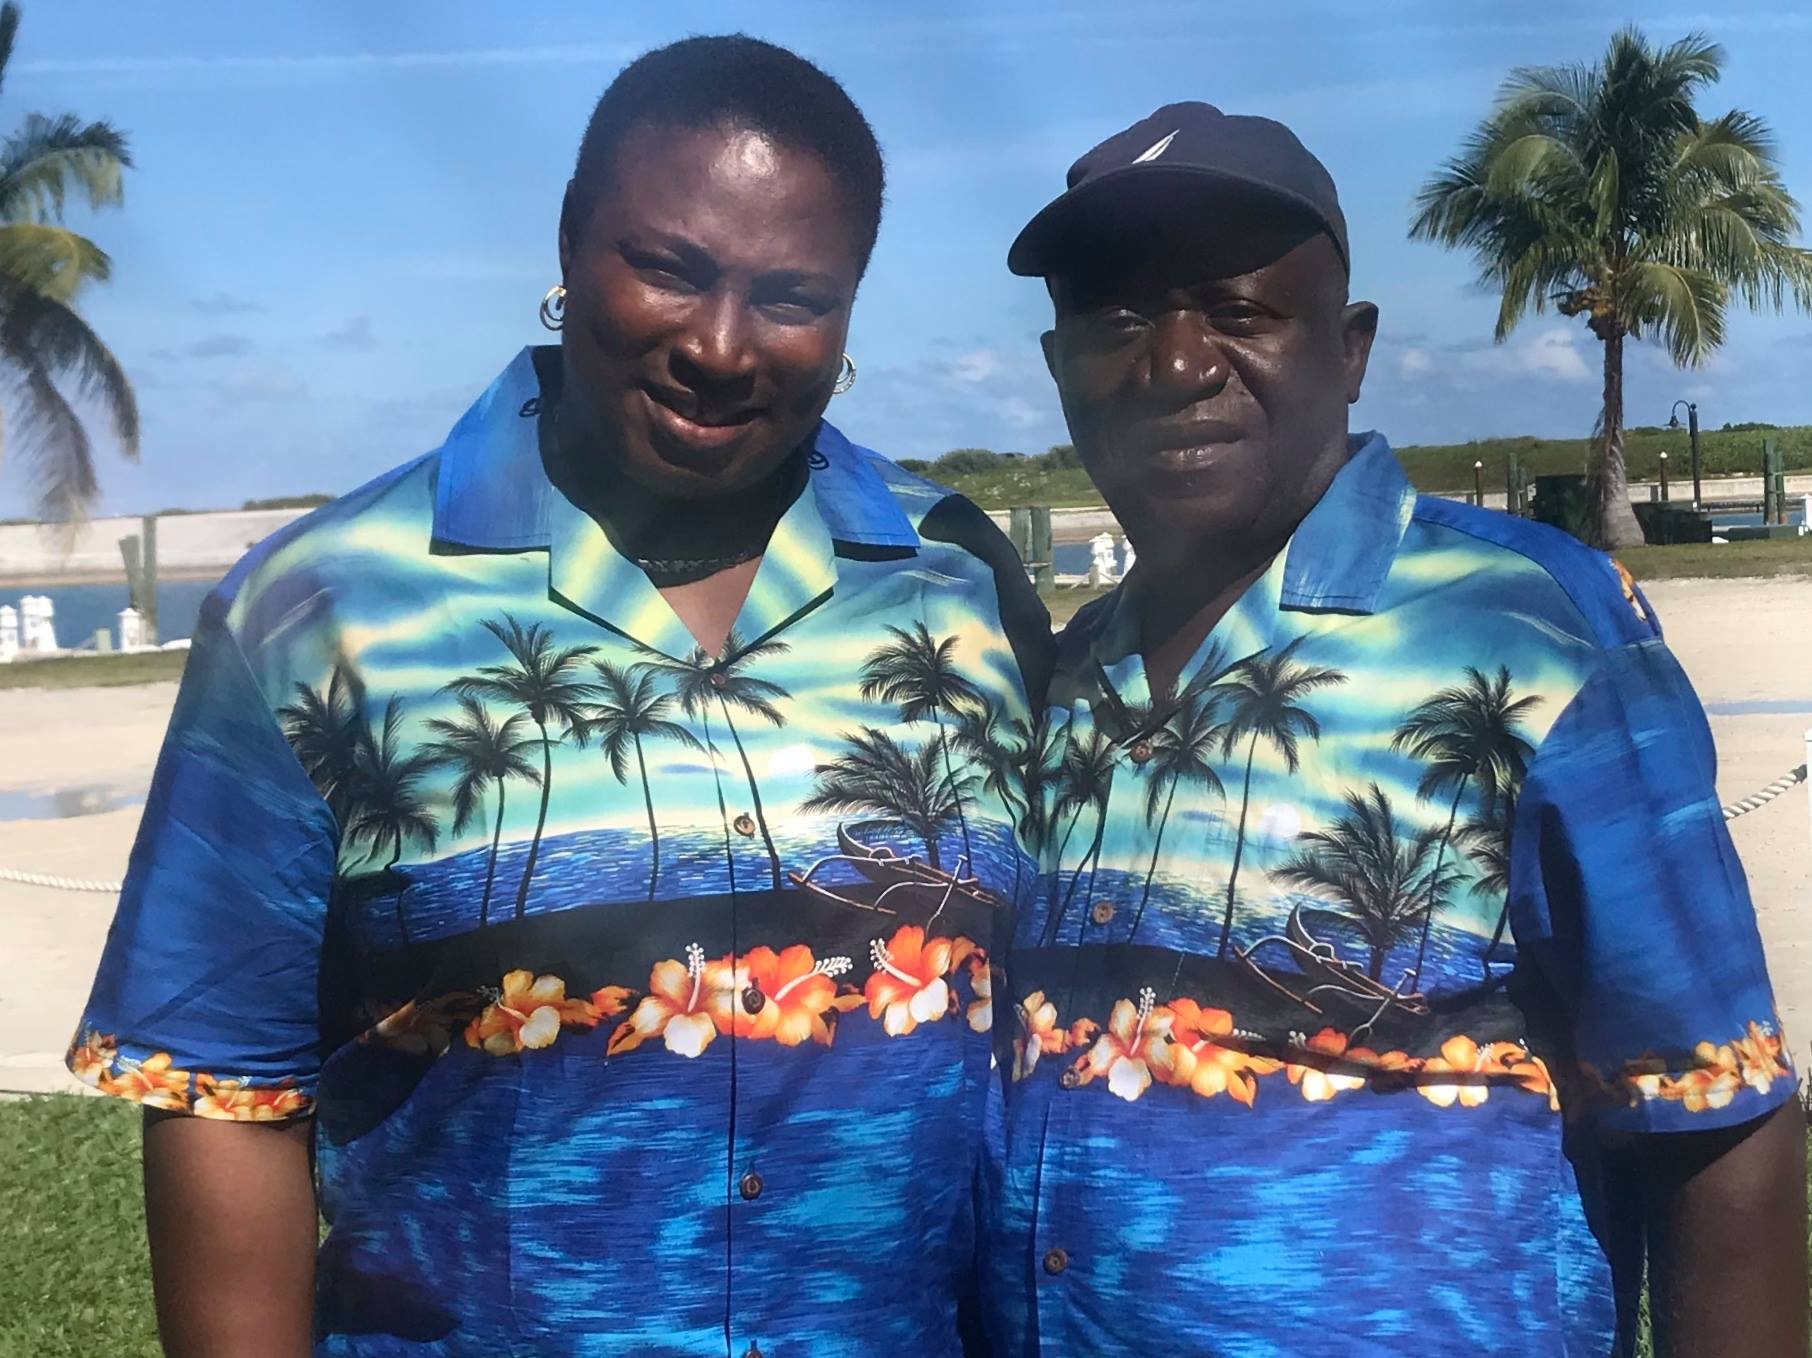 Nearly $90,000 raised for Bahamian vendor, following failed Fyre Festival